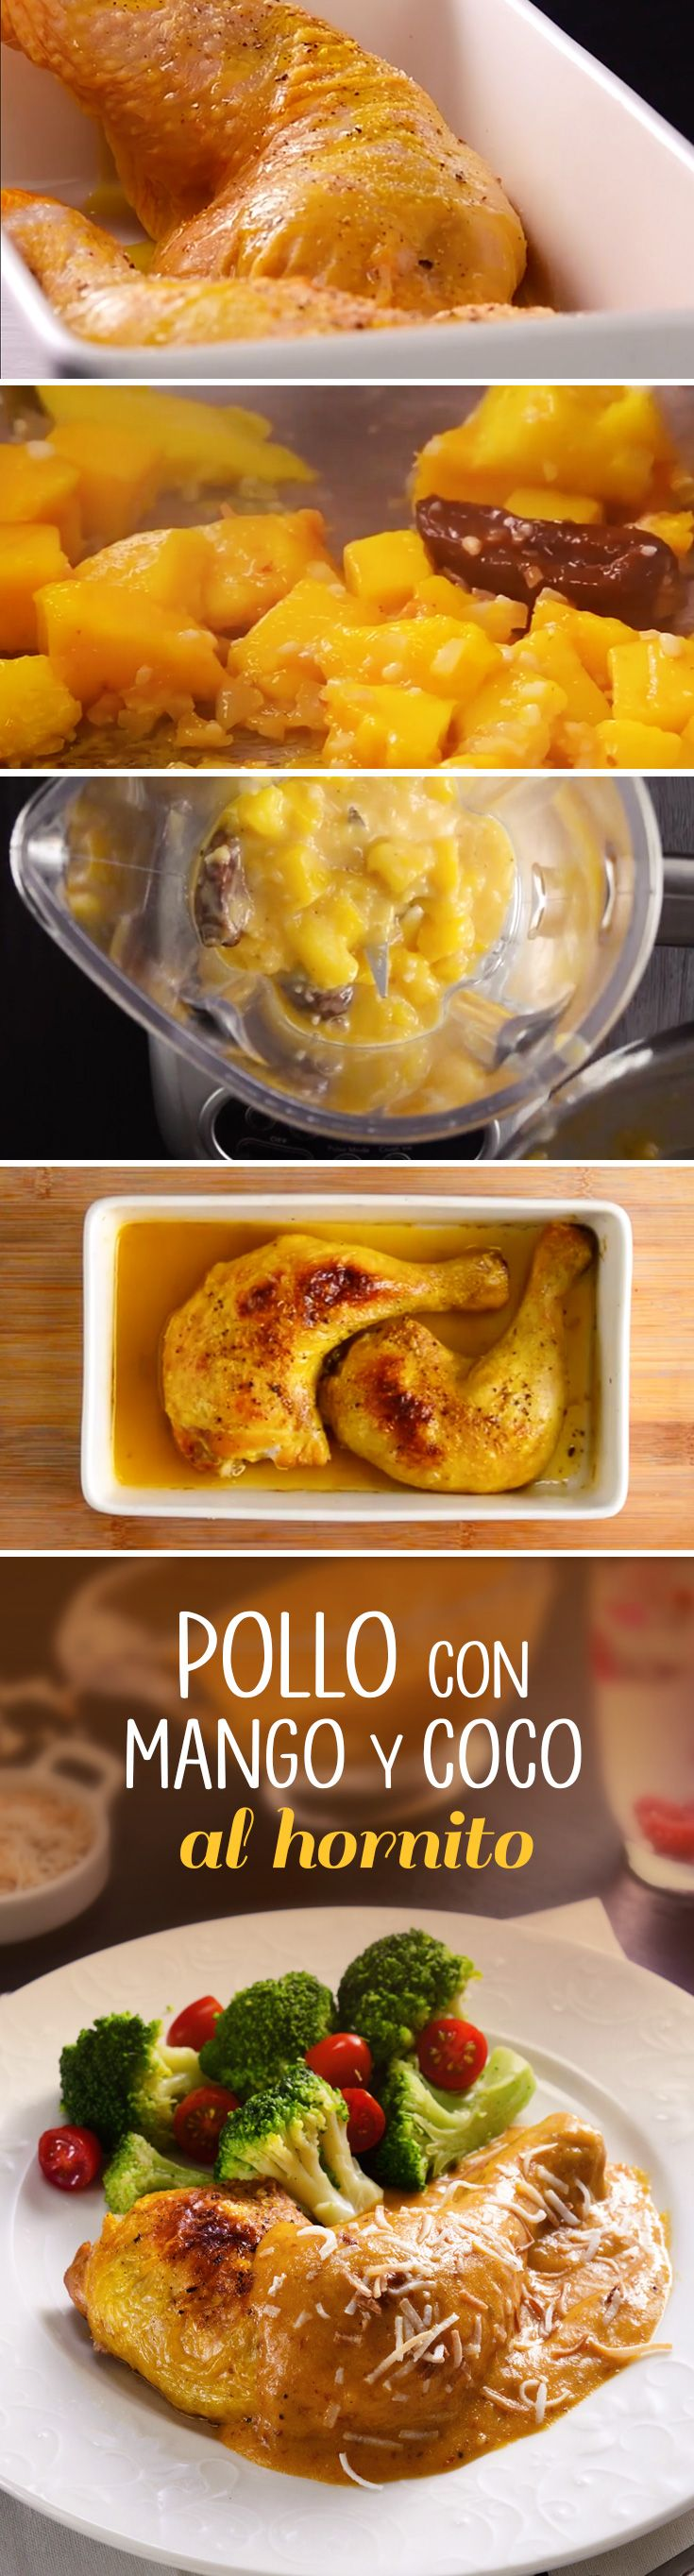 ¡Este pollo con mango y coco tiene un toque único que lo harpa el éxito de tus reuniones familiares y con amigo! Cocina este pollo en horno eléctrico y disfruta su sabor tropical.